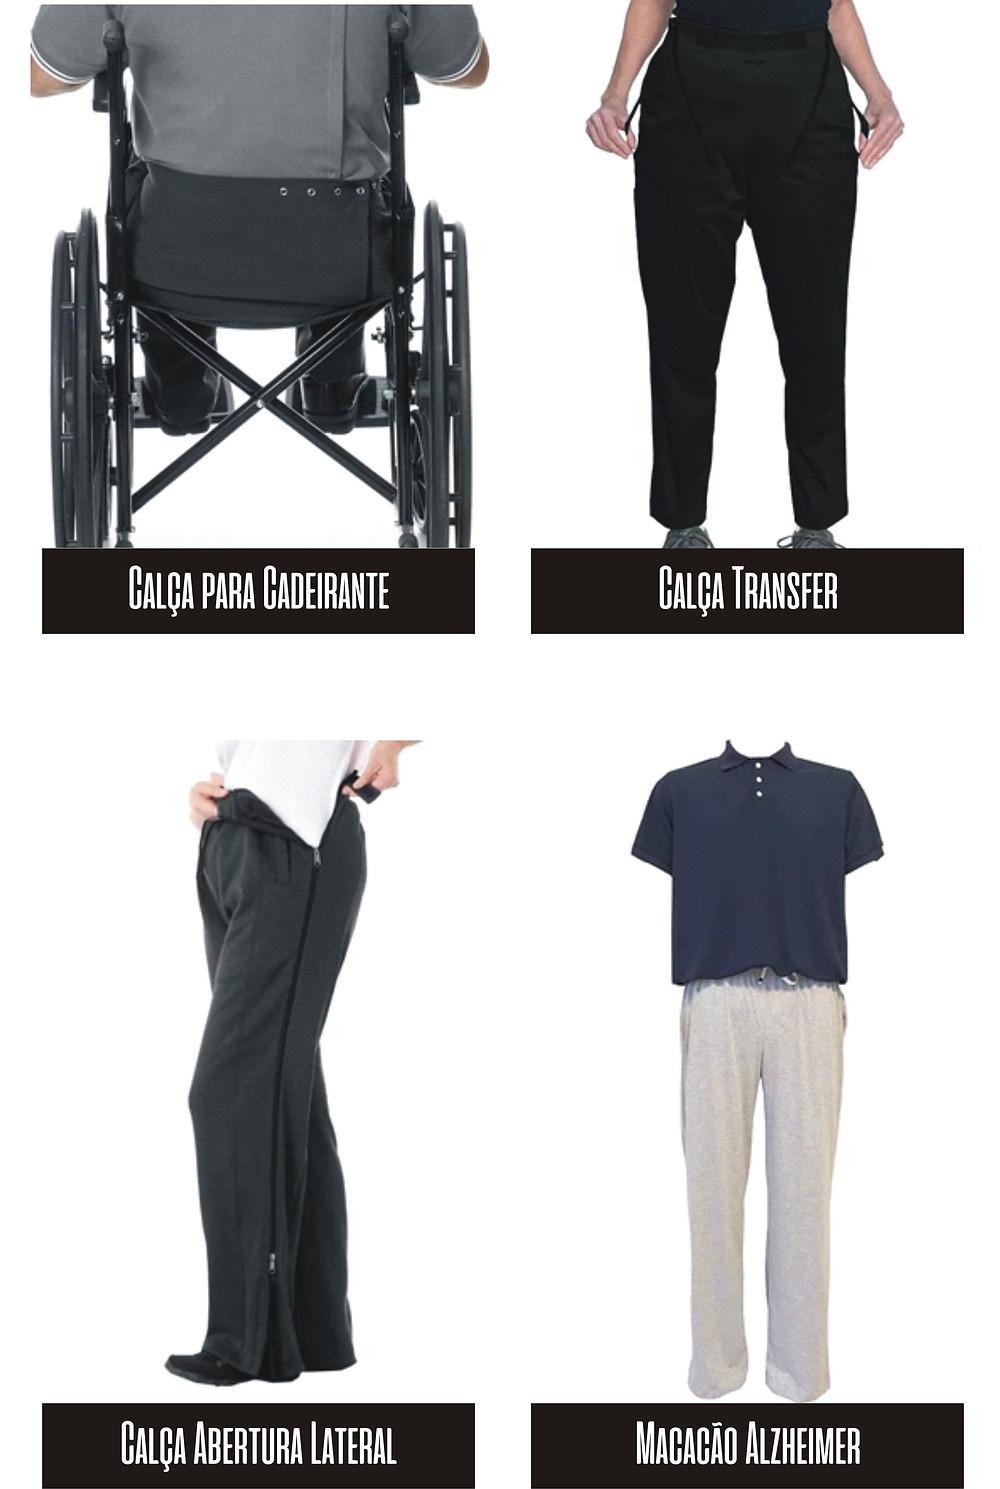 Calça para cadeirantes, Calça transfer para auxiliar a transferência de uma pessoa na cadeiras de rodas, calça com abertura lateral para pacientes acamados, macacão para pessoas com alzheimer.